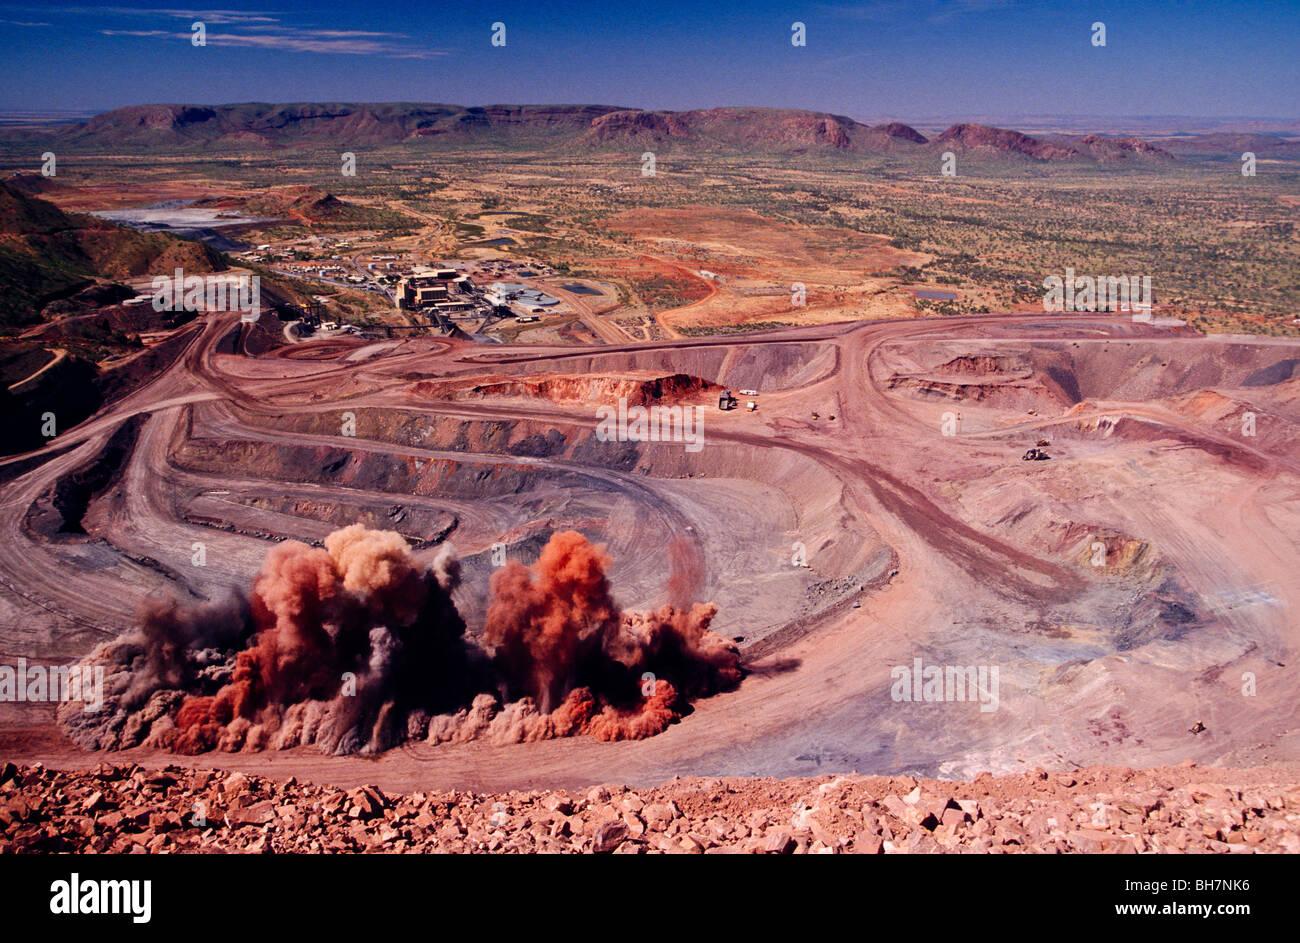 Argyle Diamond Mine, Australia Stock Photo: 27830186